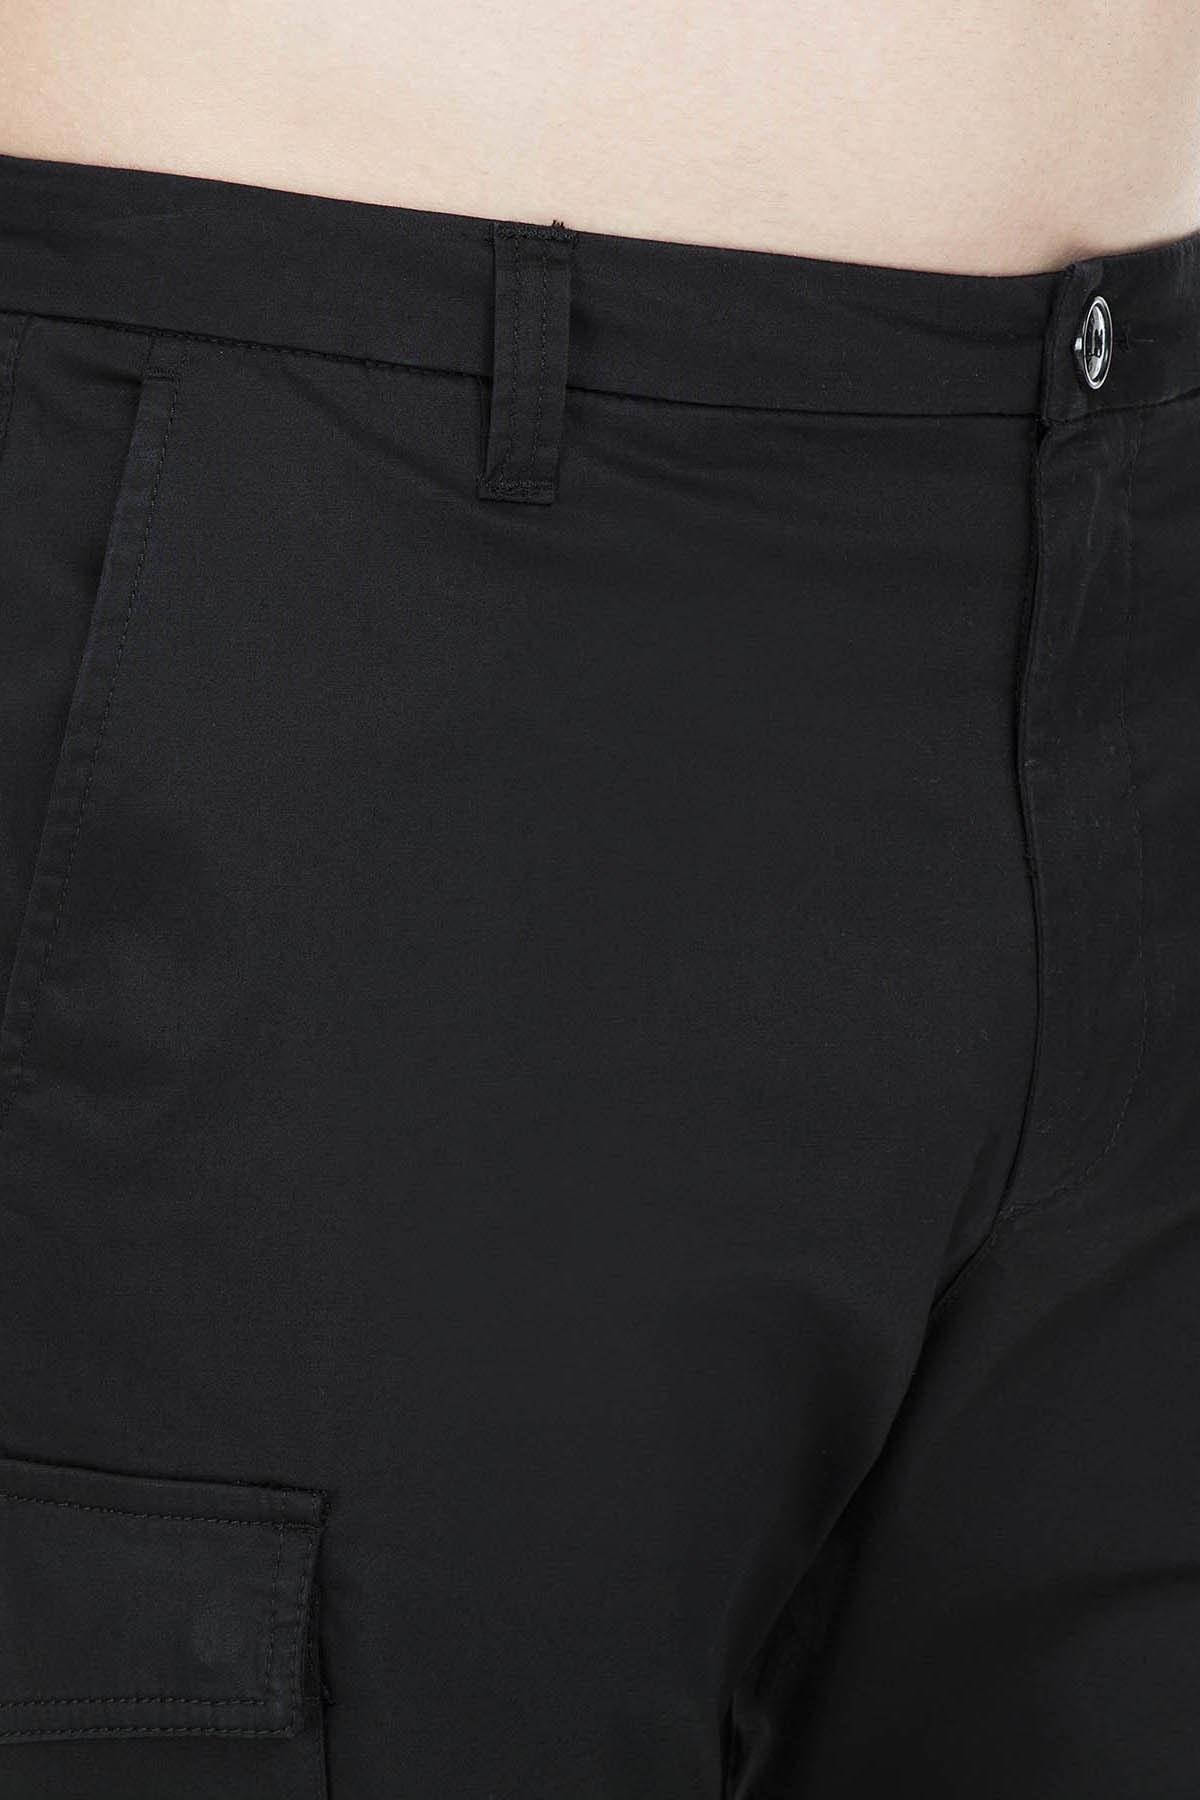 Armani Exchange Erkek Pantolon 3GZP52 ZN55Z 1200 SİYAH